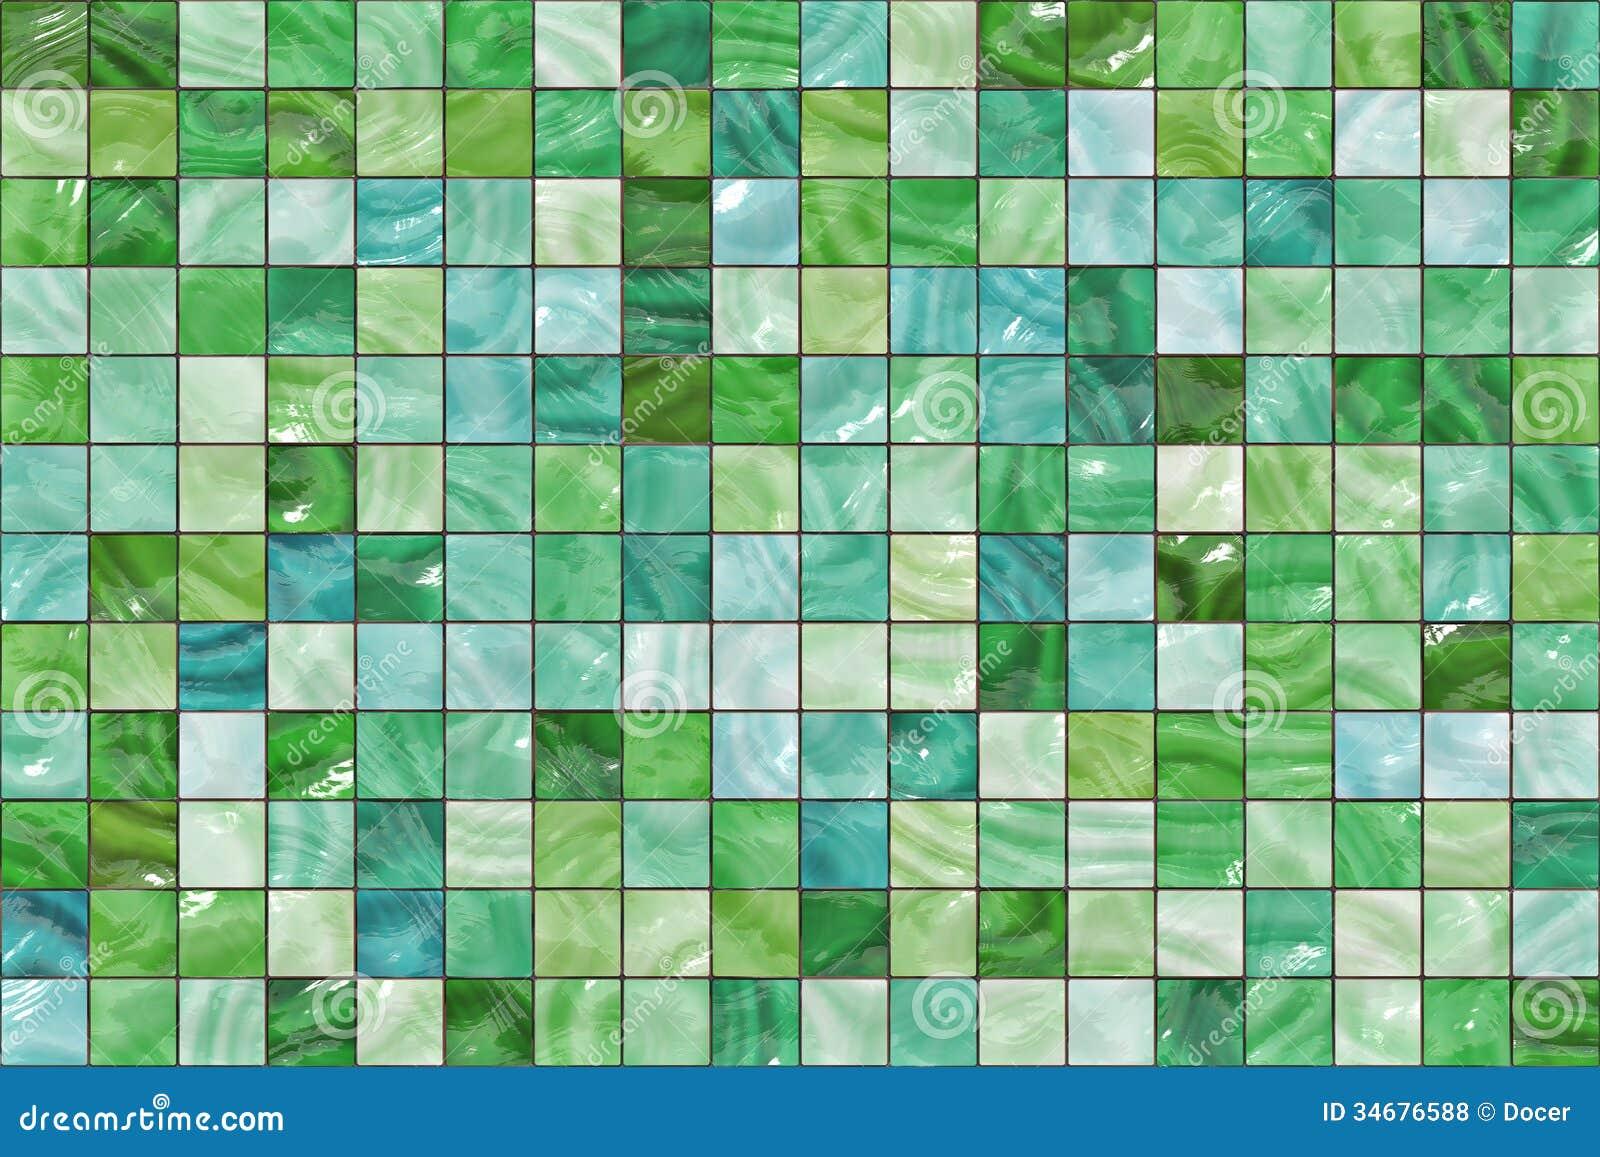 Velen klein kleuren vierkant mozaïek. patroontextuur. abstract beeld